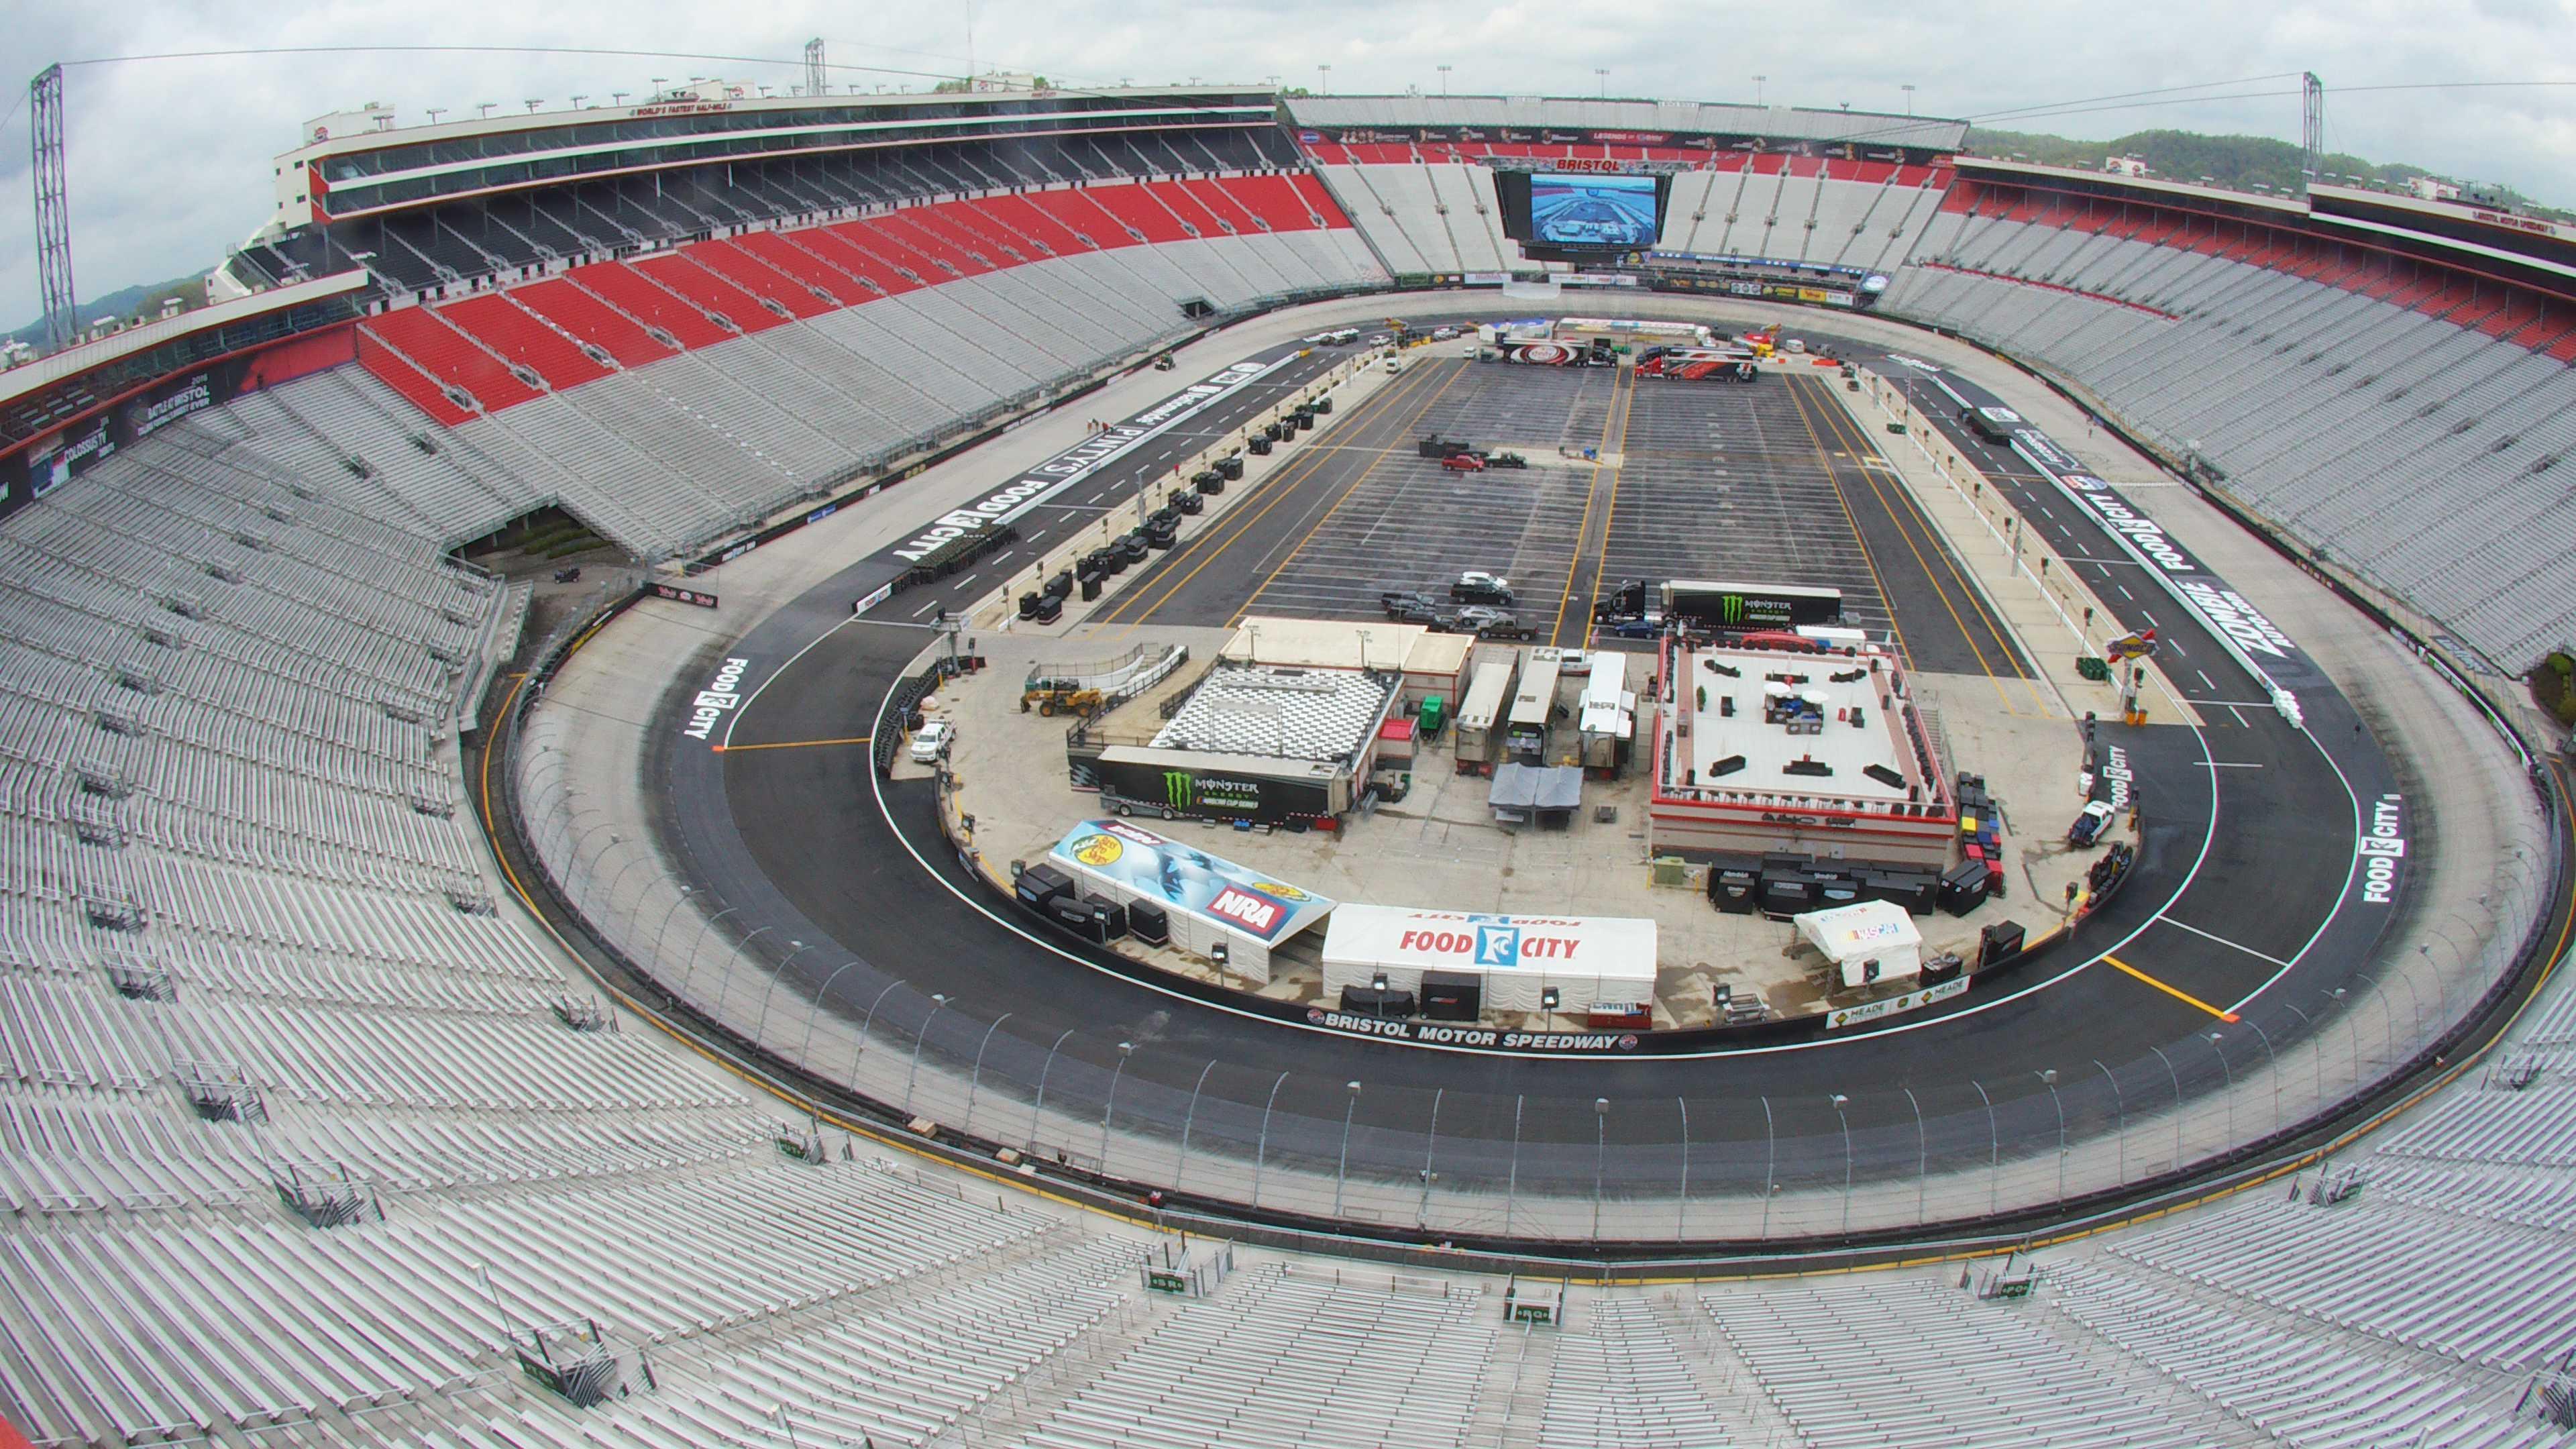 Las Vegas Motor Speedway Seating Map Top The Las Vegas